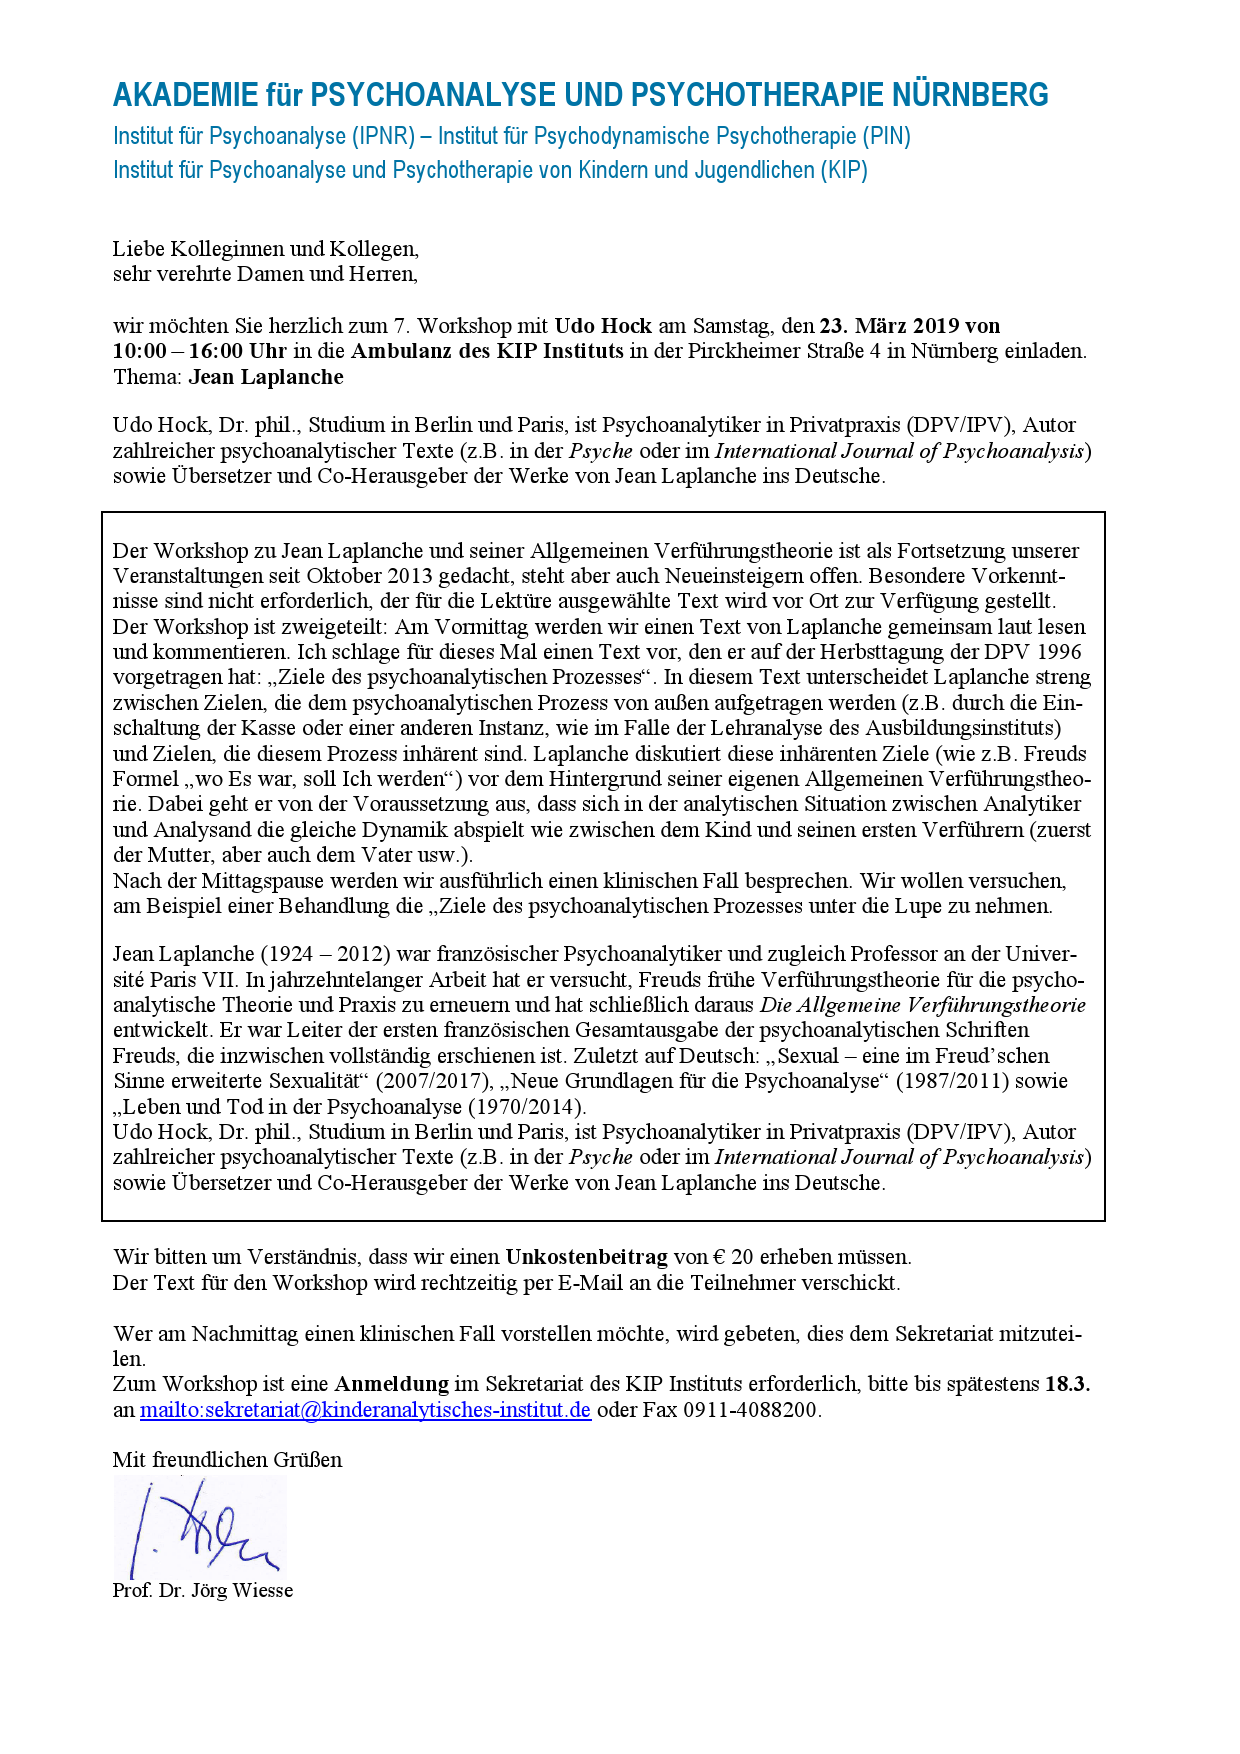 Einladung H. Hock 23.3.190001